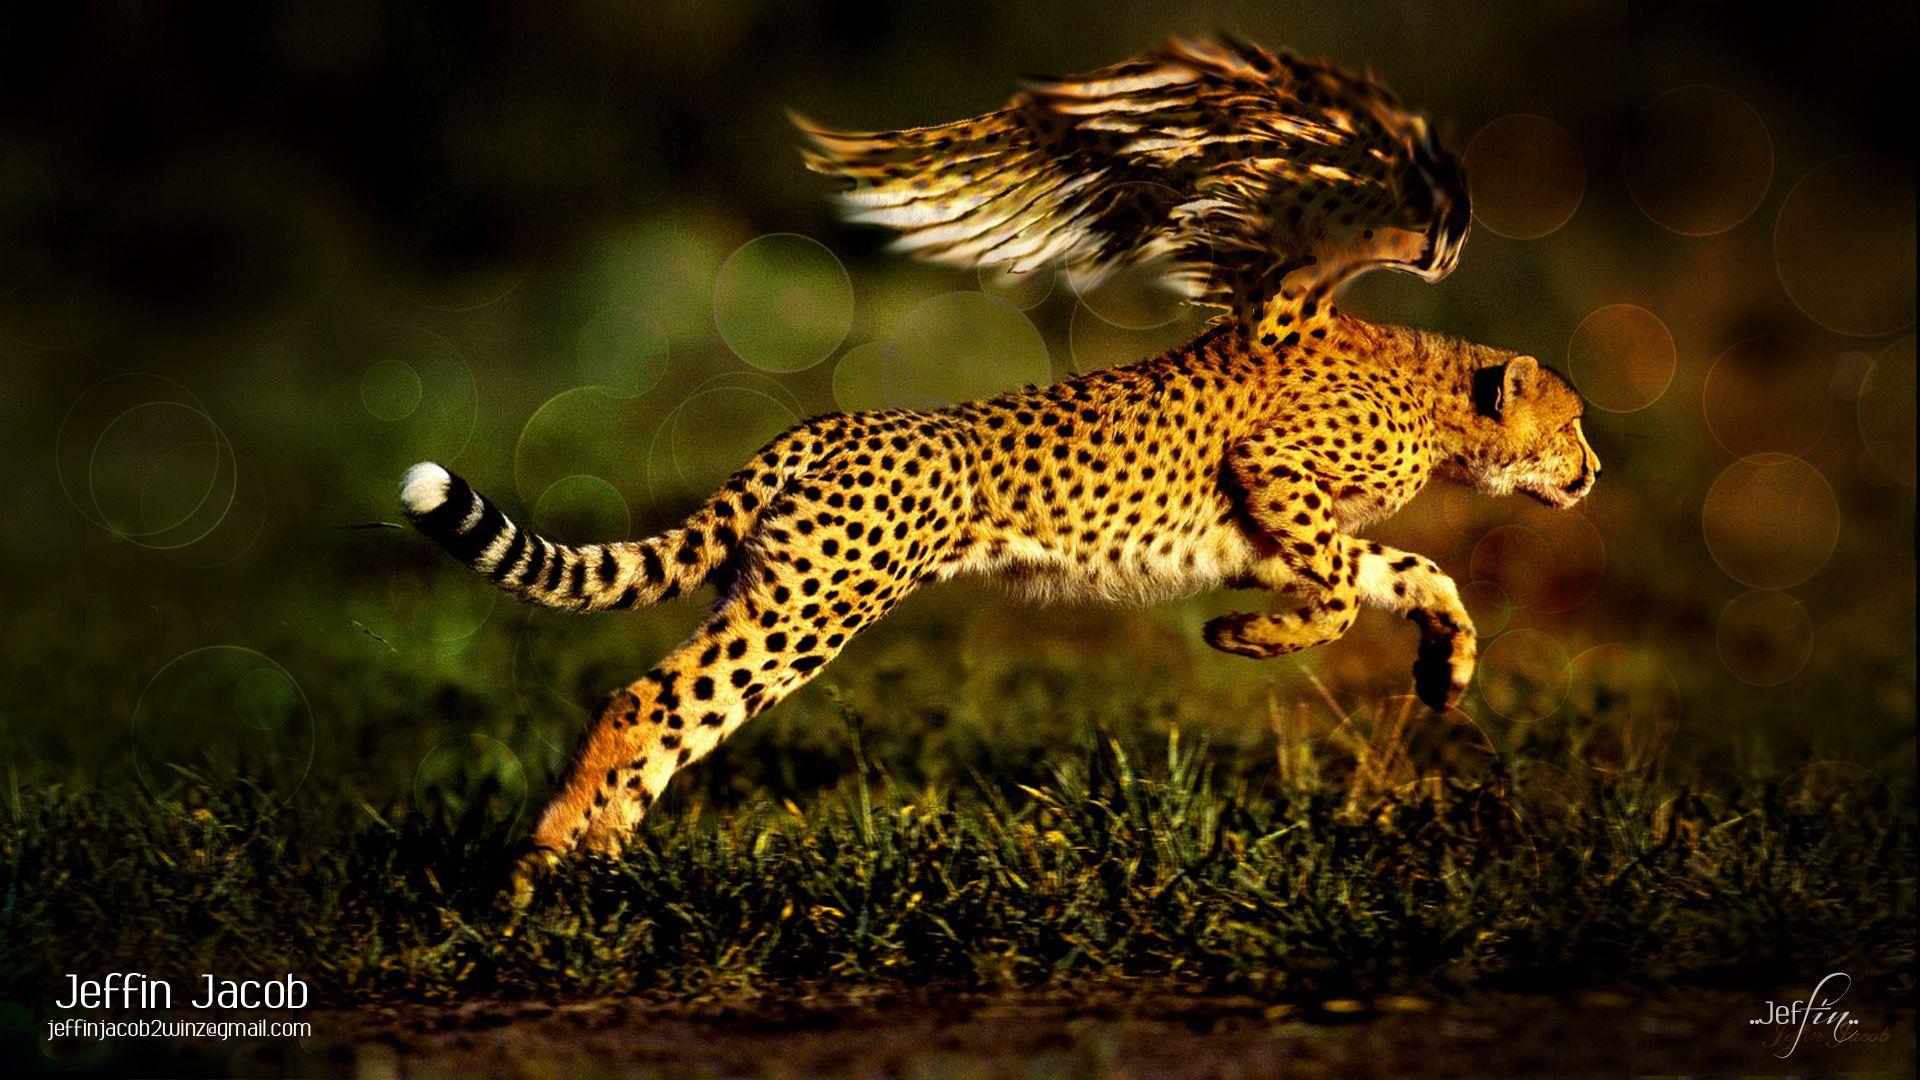 Download Cheetah Wallpaper Hd 1080p Cheetah Wallpaper Jaguar Wallpaper Animal Wallpaper